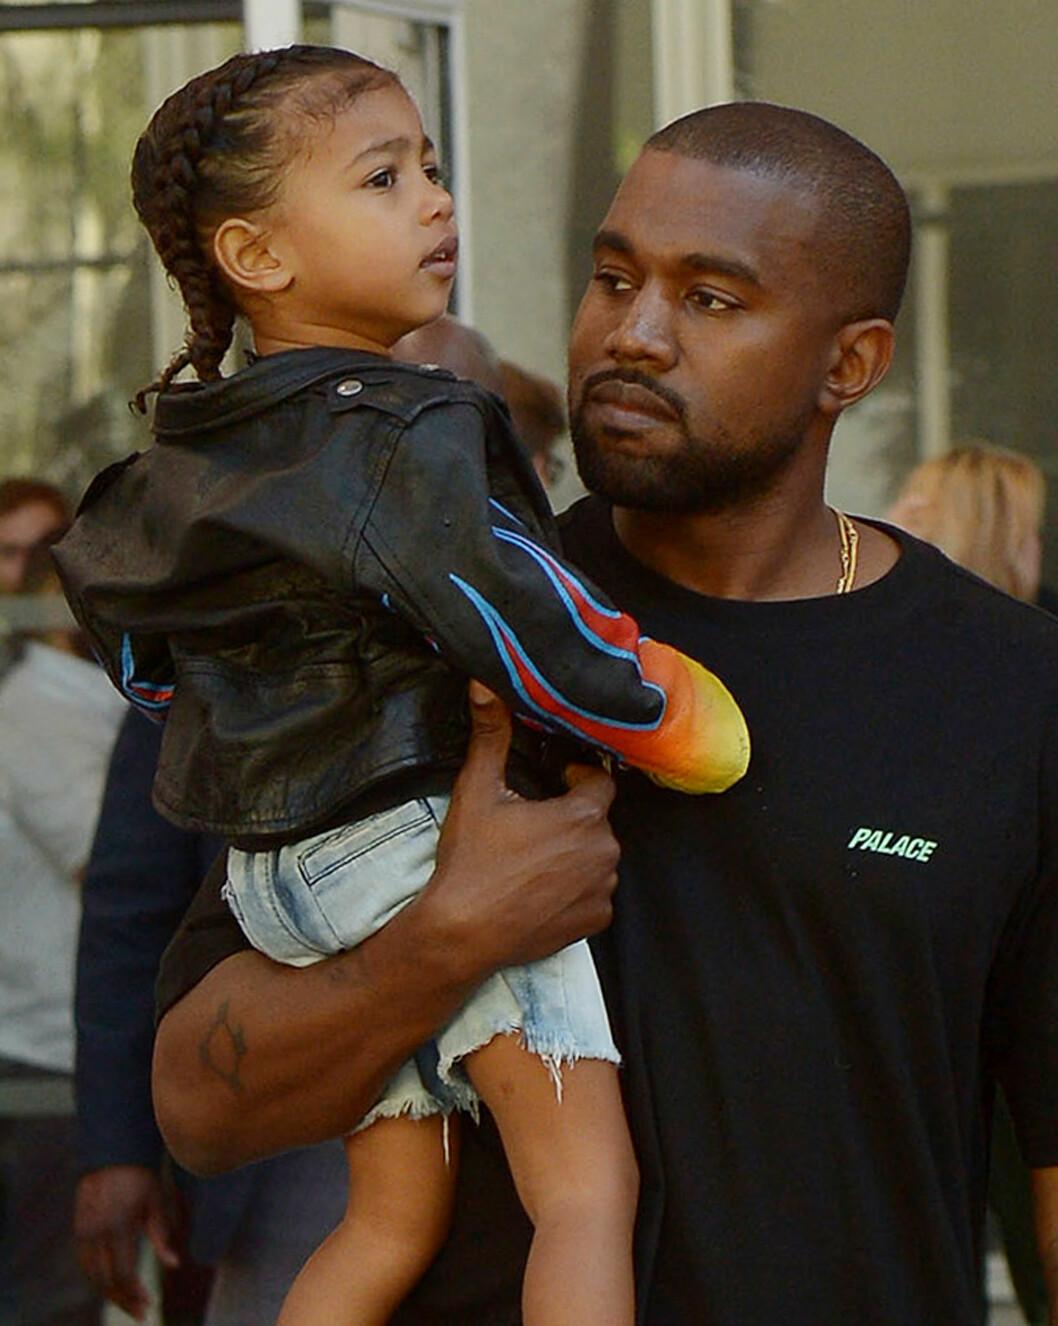 PAPPAS GENI: Kanye West skal ha store forventninger til datteren, særlig har han tro på hennes musikalske evner.  Foto: Broadimage